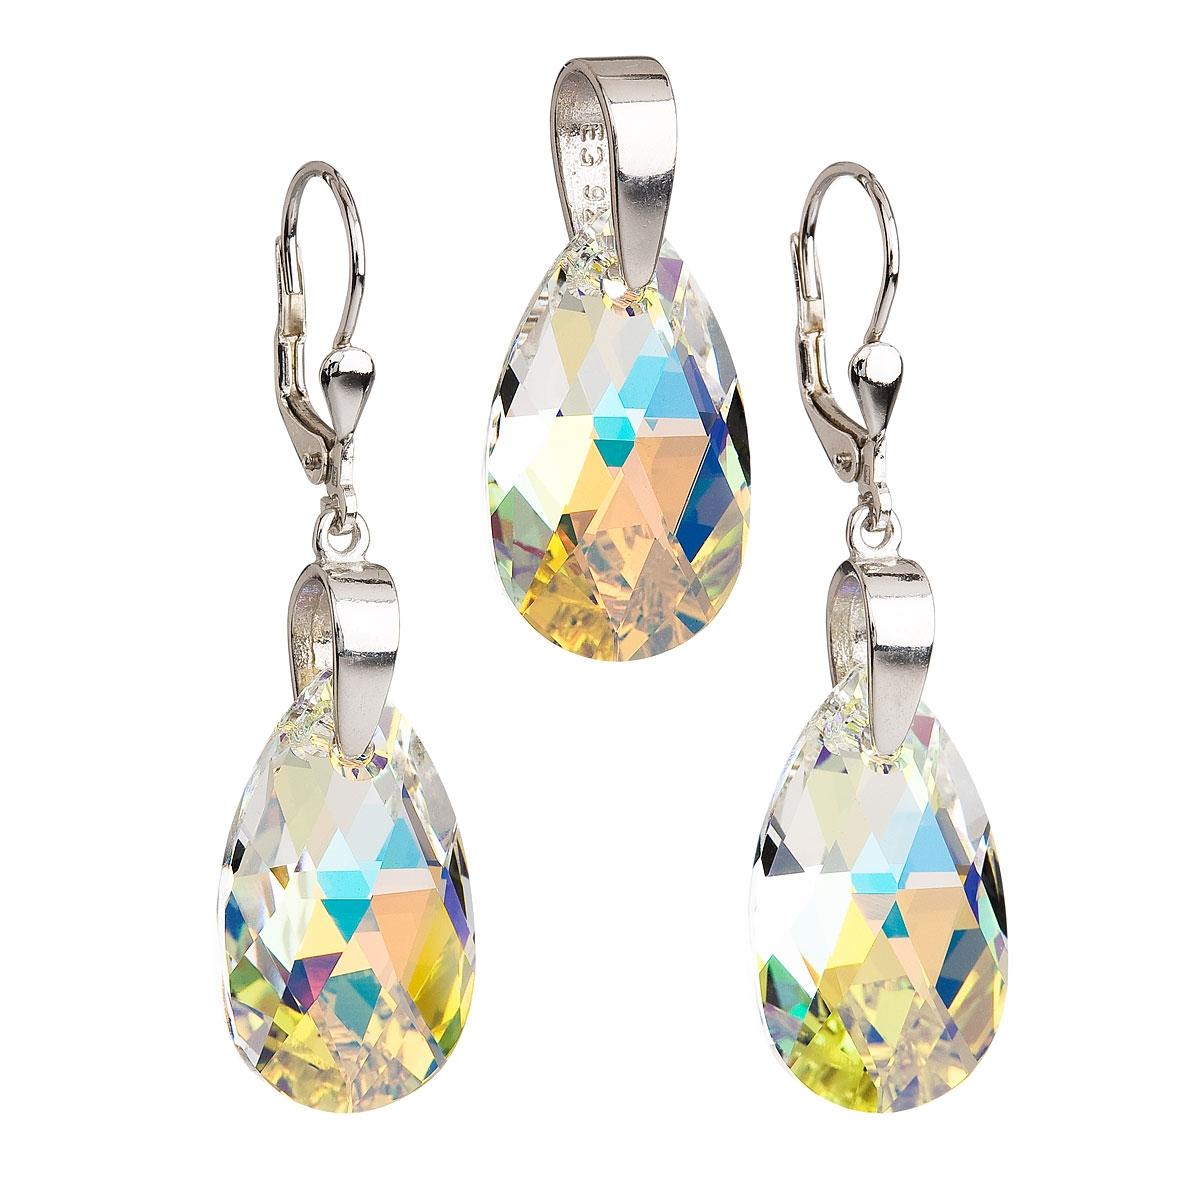 Sada šperků slzy Crystals from Swarovski® AB EG3030-AB